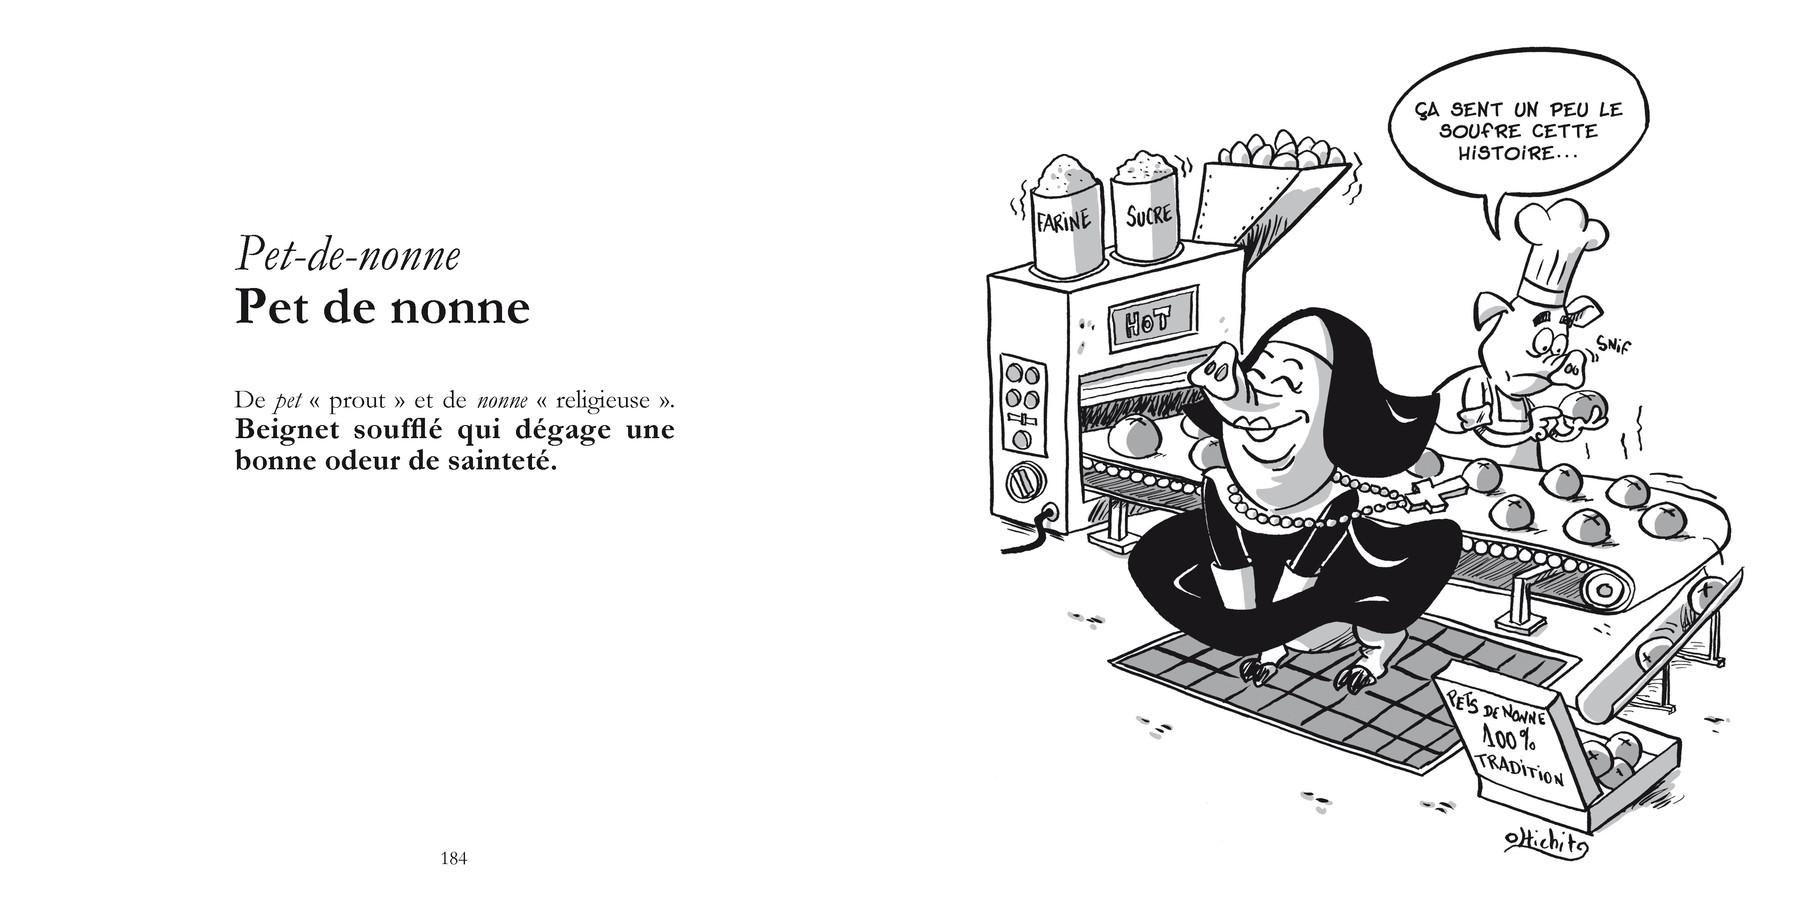 Pet-de-nonne - Pet de nonne /  P184-185 du Bestof 1 / Texte Edith - Dessin Olivier Tichit -  Droits réservés   Reproduction interdite